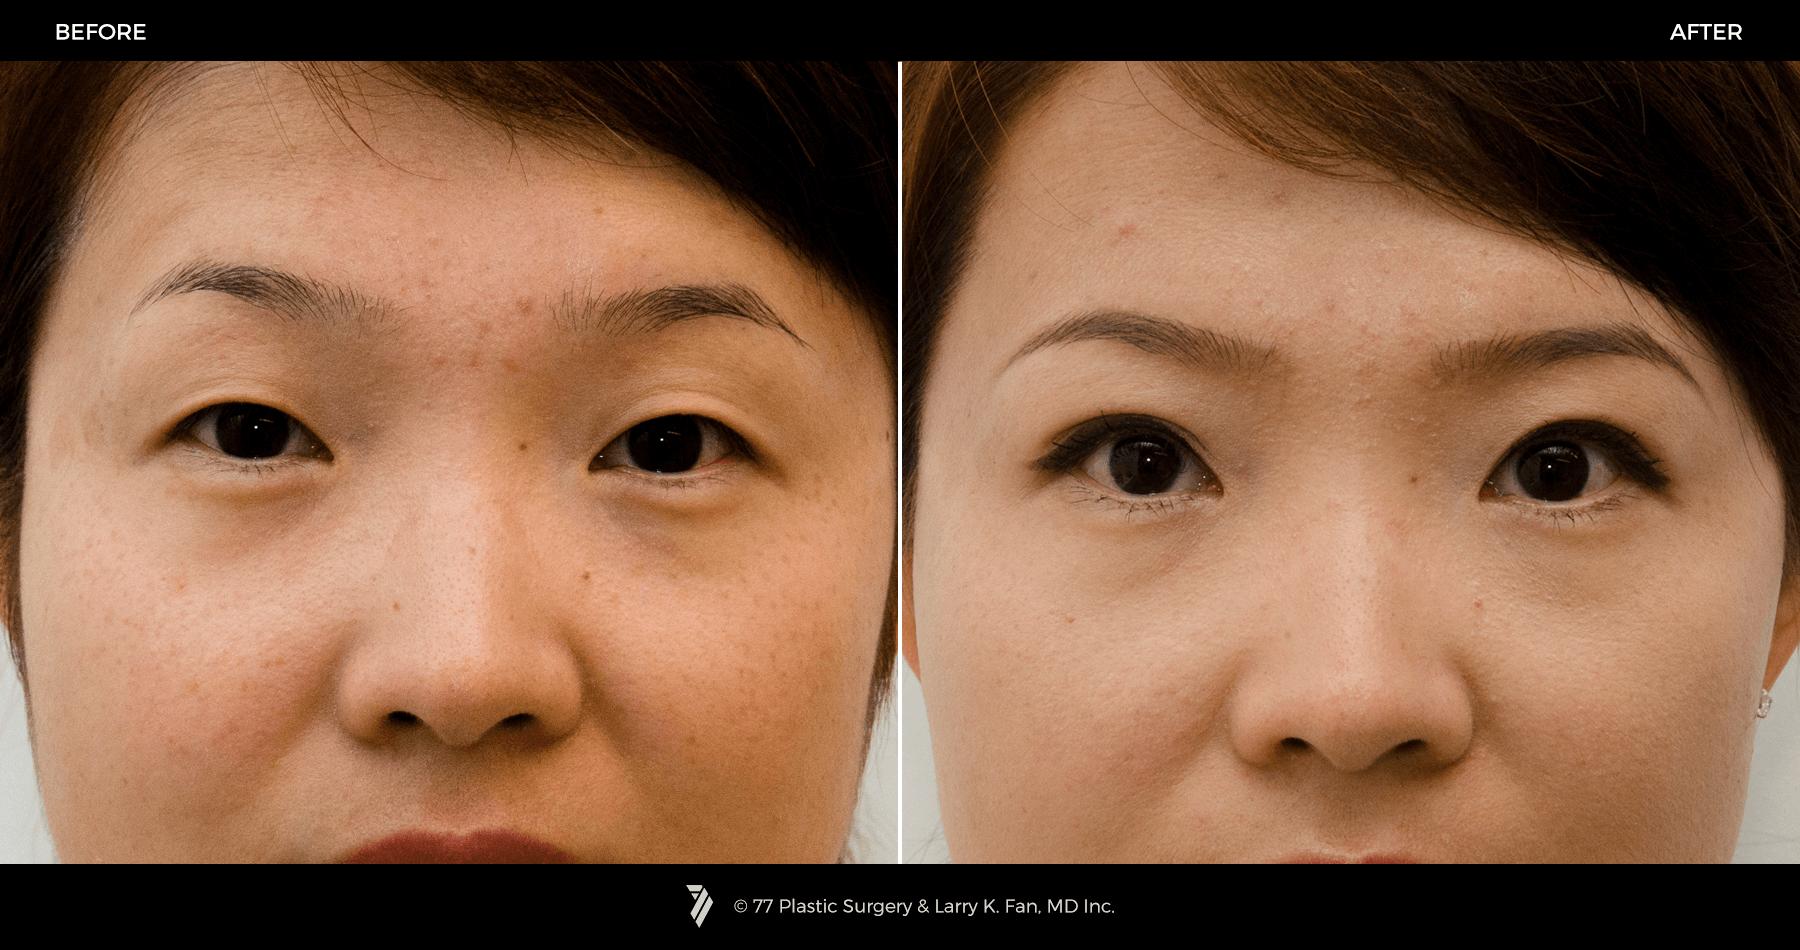 Операция по увеличению глаз, изменению формы, разреза, кантопластика